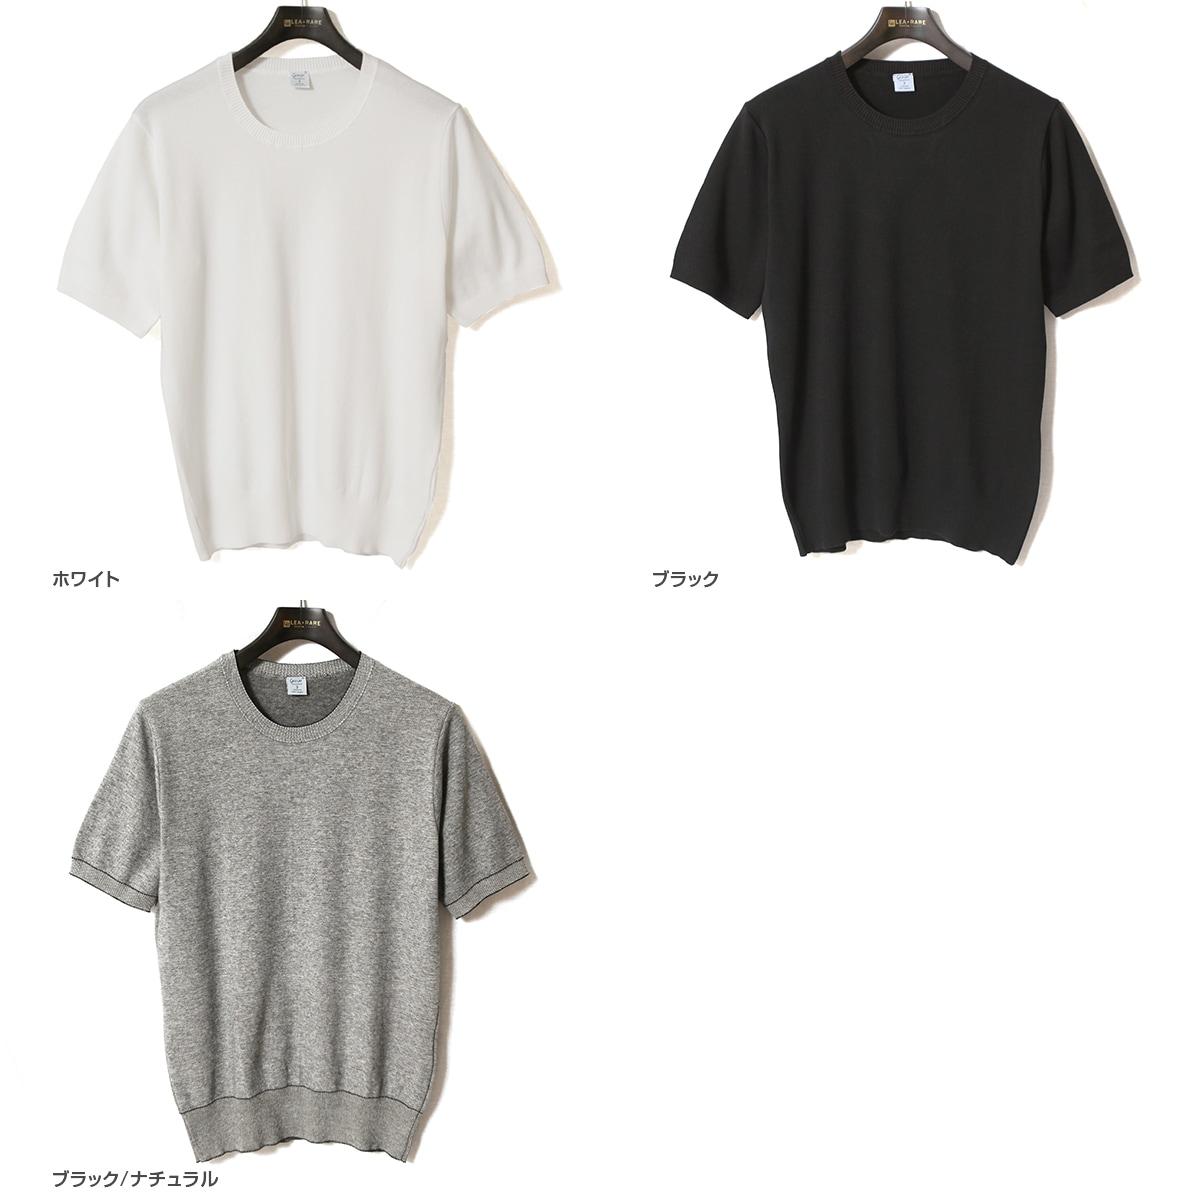 ジチピ Gicipi コットン ニット クルーネック 半袖Tシャツ メンズ